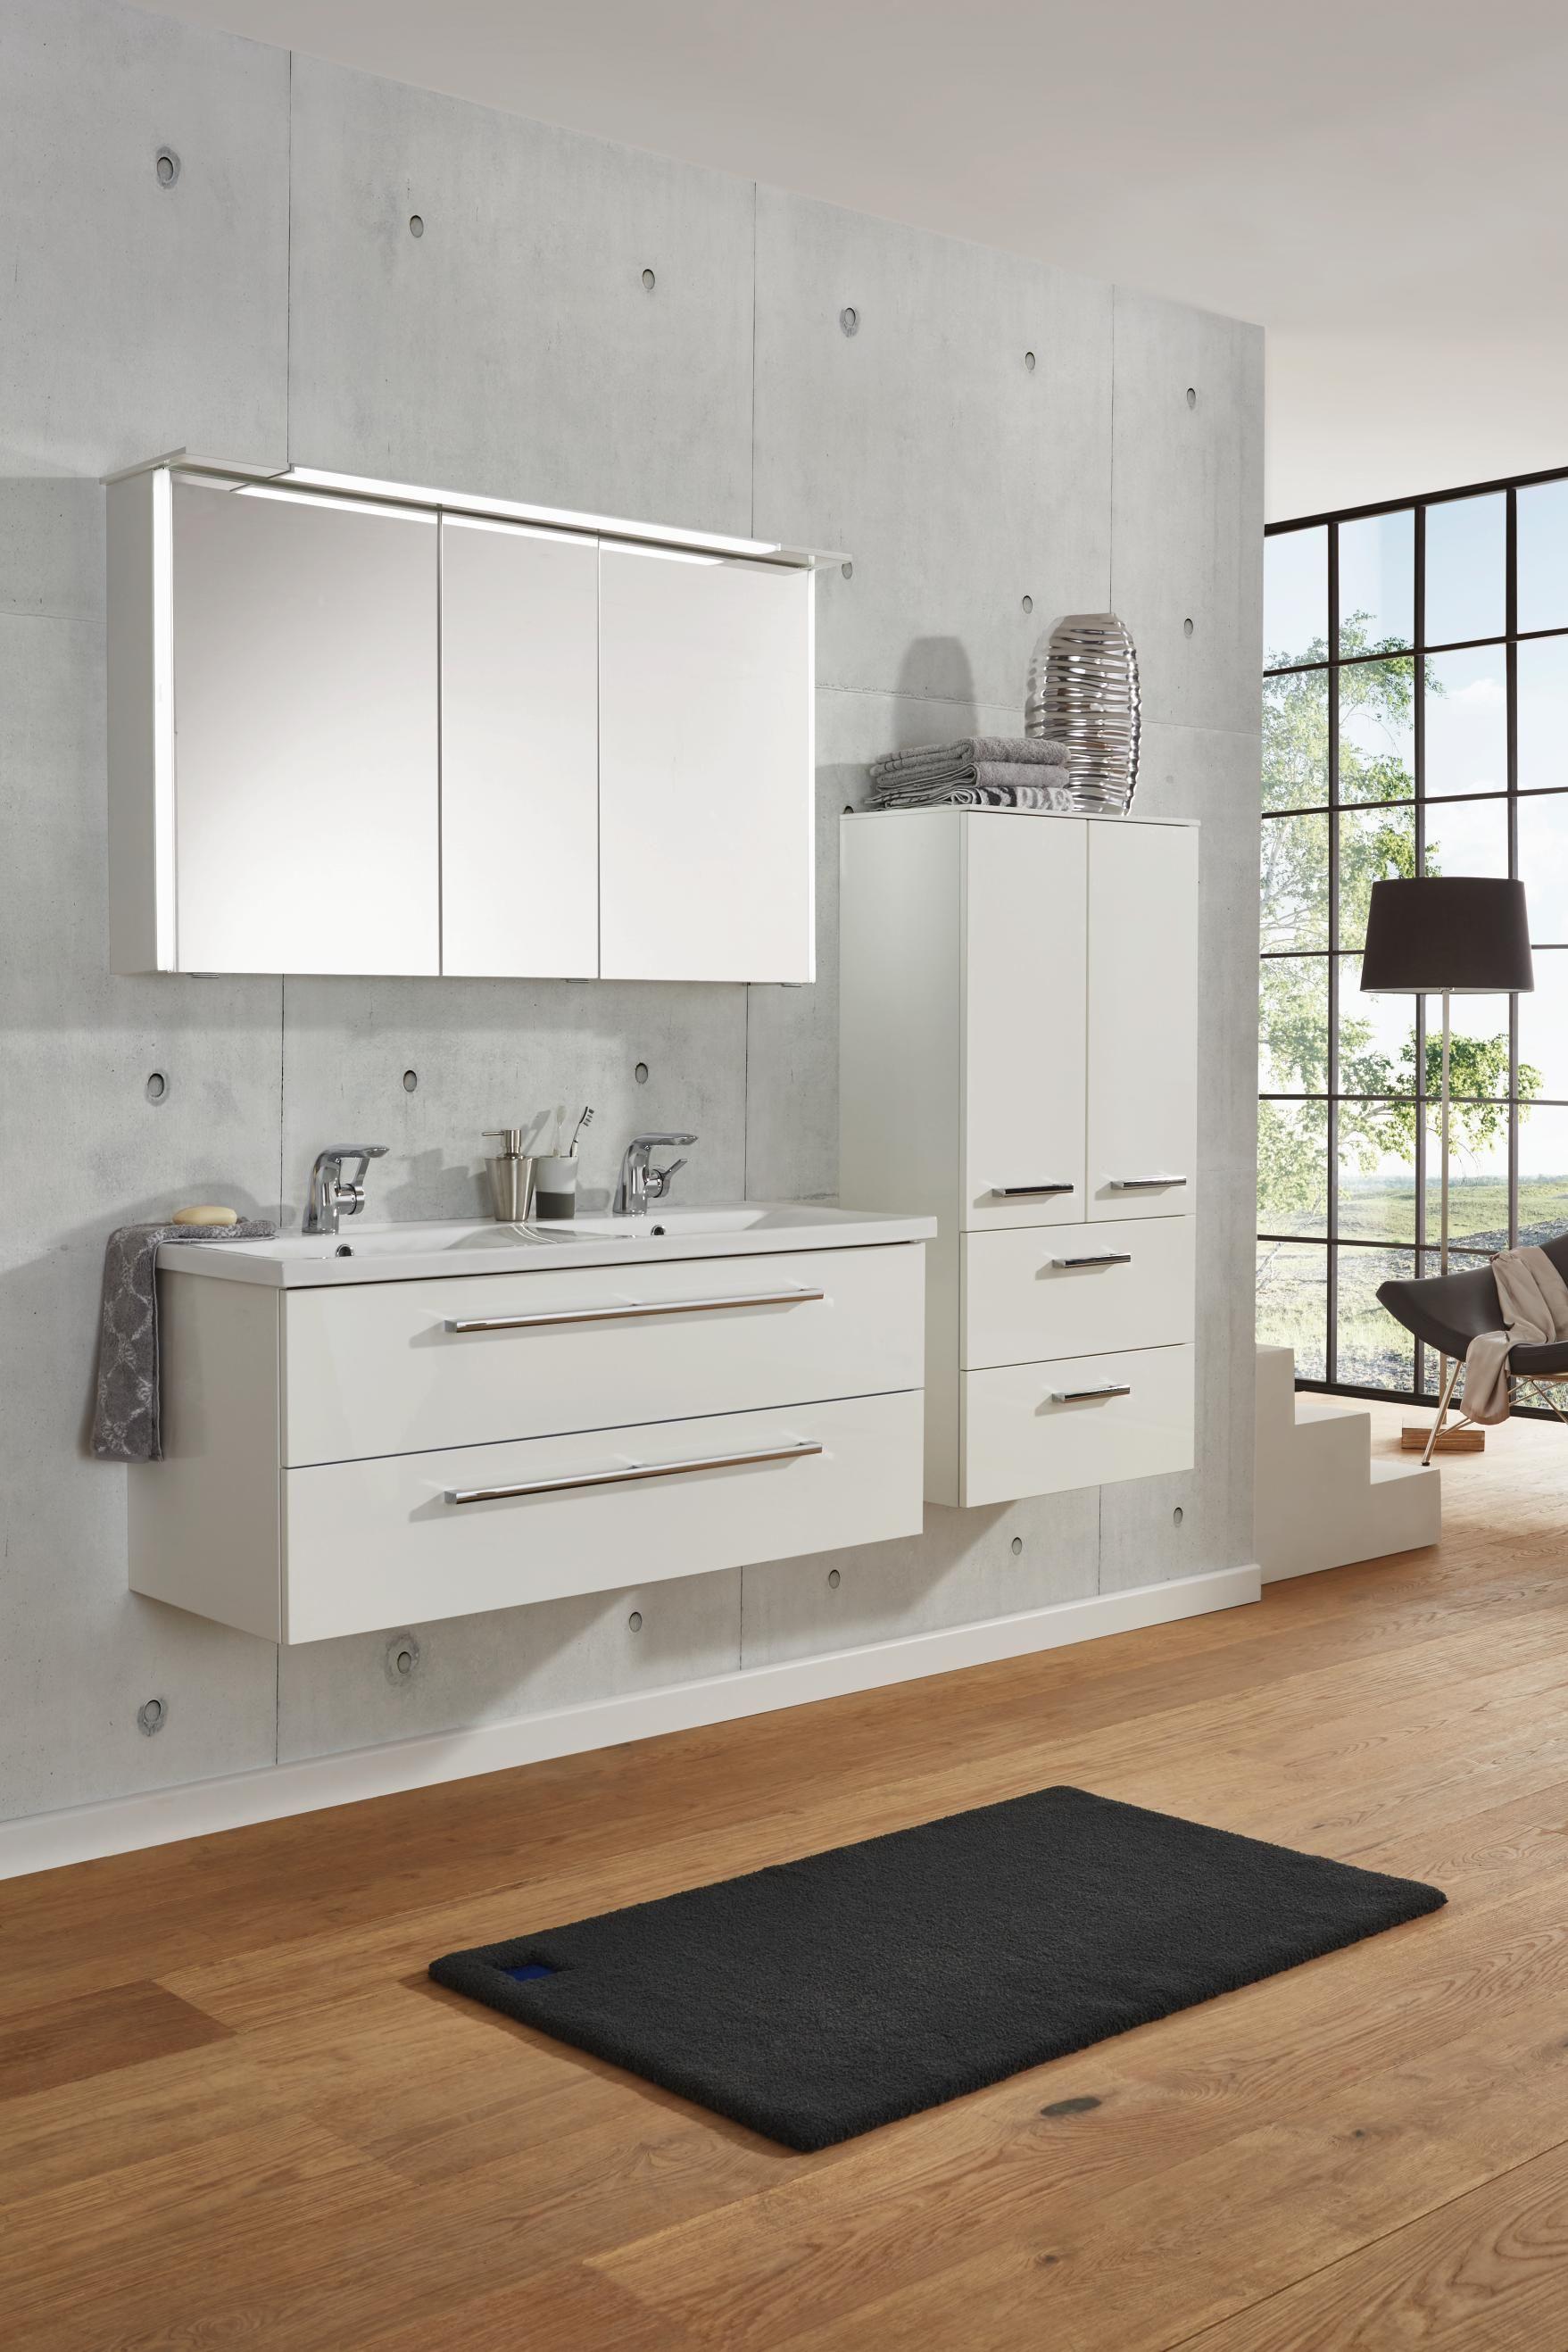 Badezimmer in 2019 | Badezimmer | Bathroom, Double vanity und Vanity